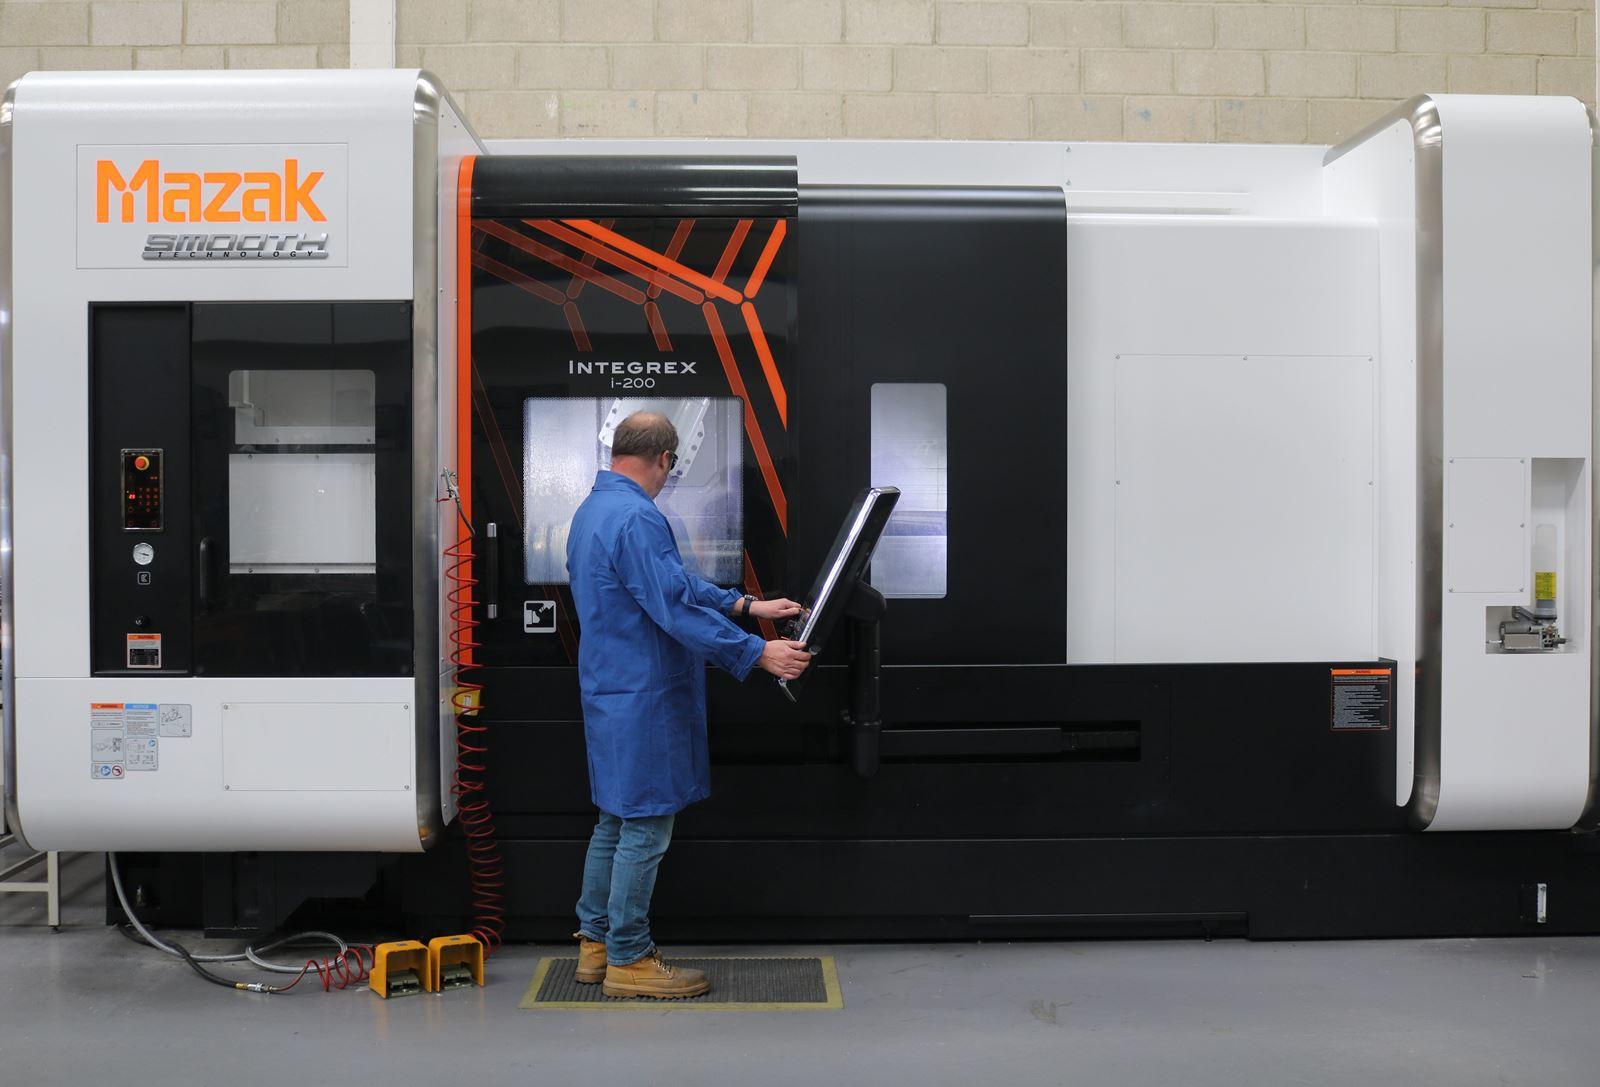 Mazak Integrex I200 - 5 Axis CNC Machining UHV components